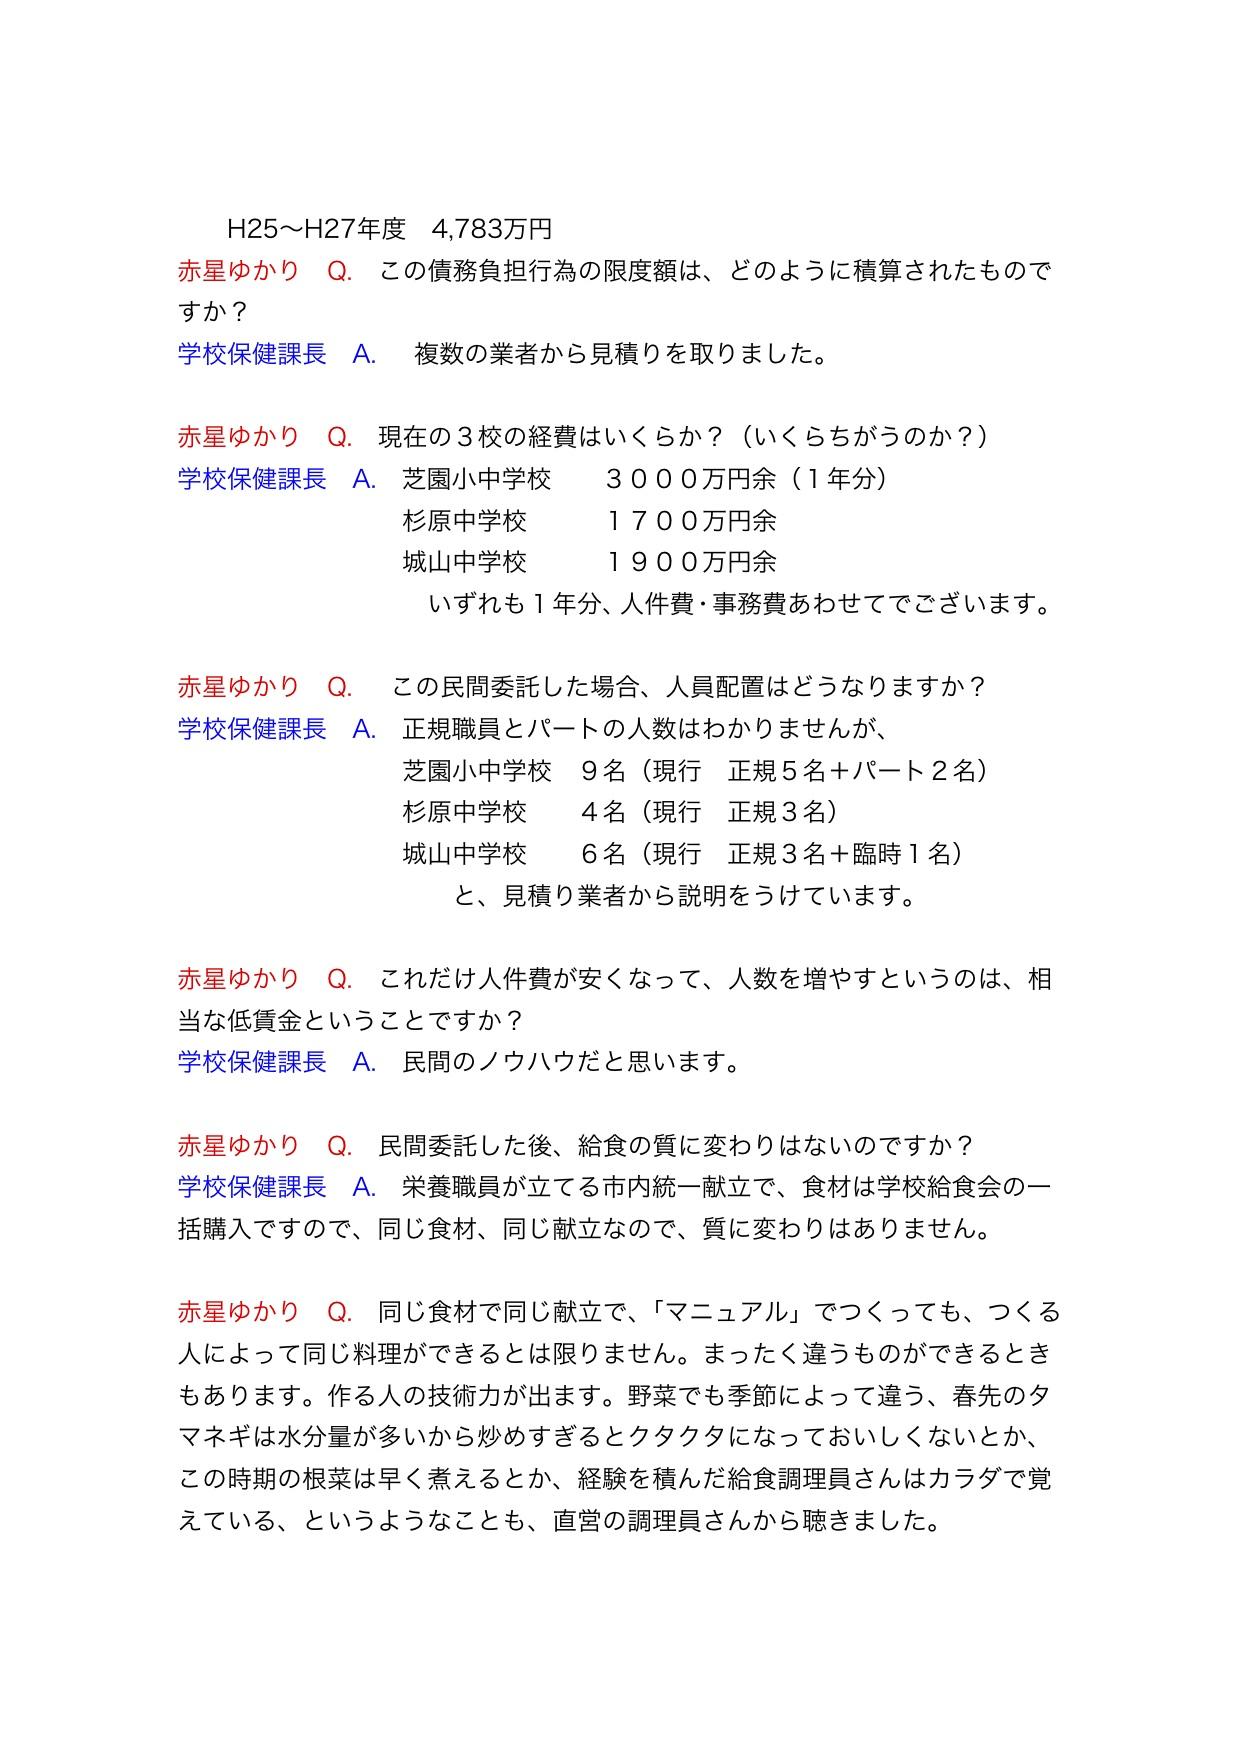 ②2012.9.20委員会質疑・討論メモ答弁入り